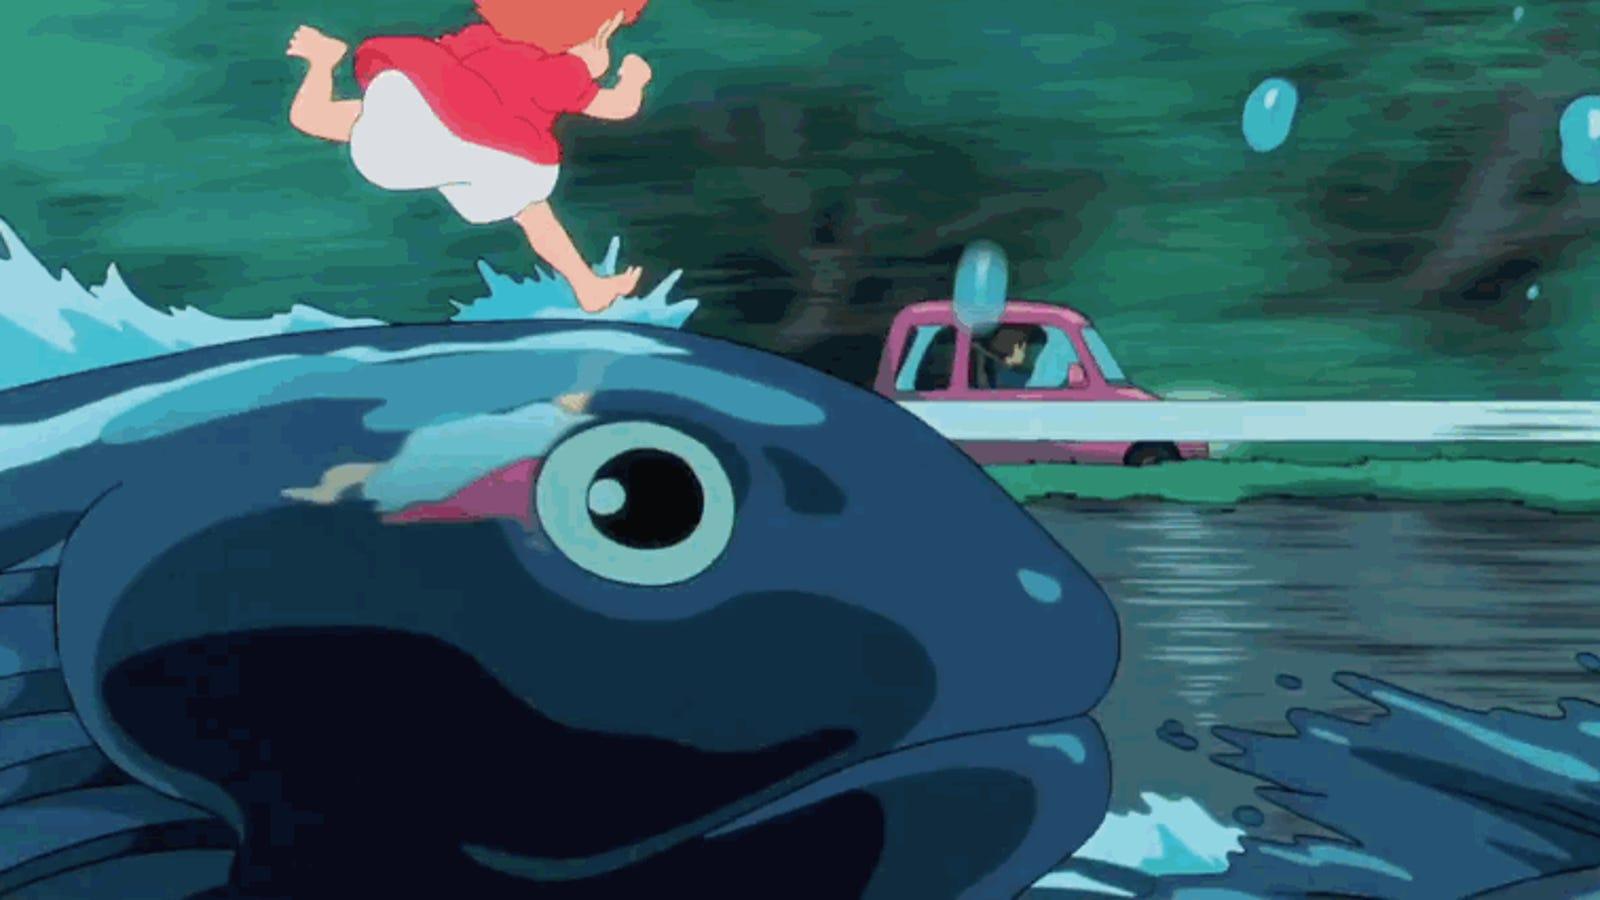 El mítico software de animación que usan los maestros de Ghibli será gratis y open source